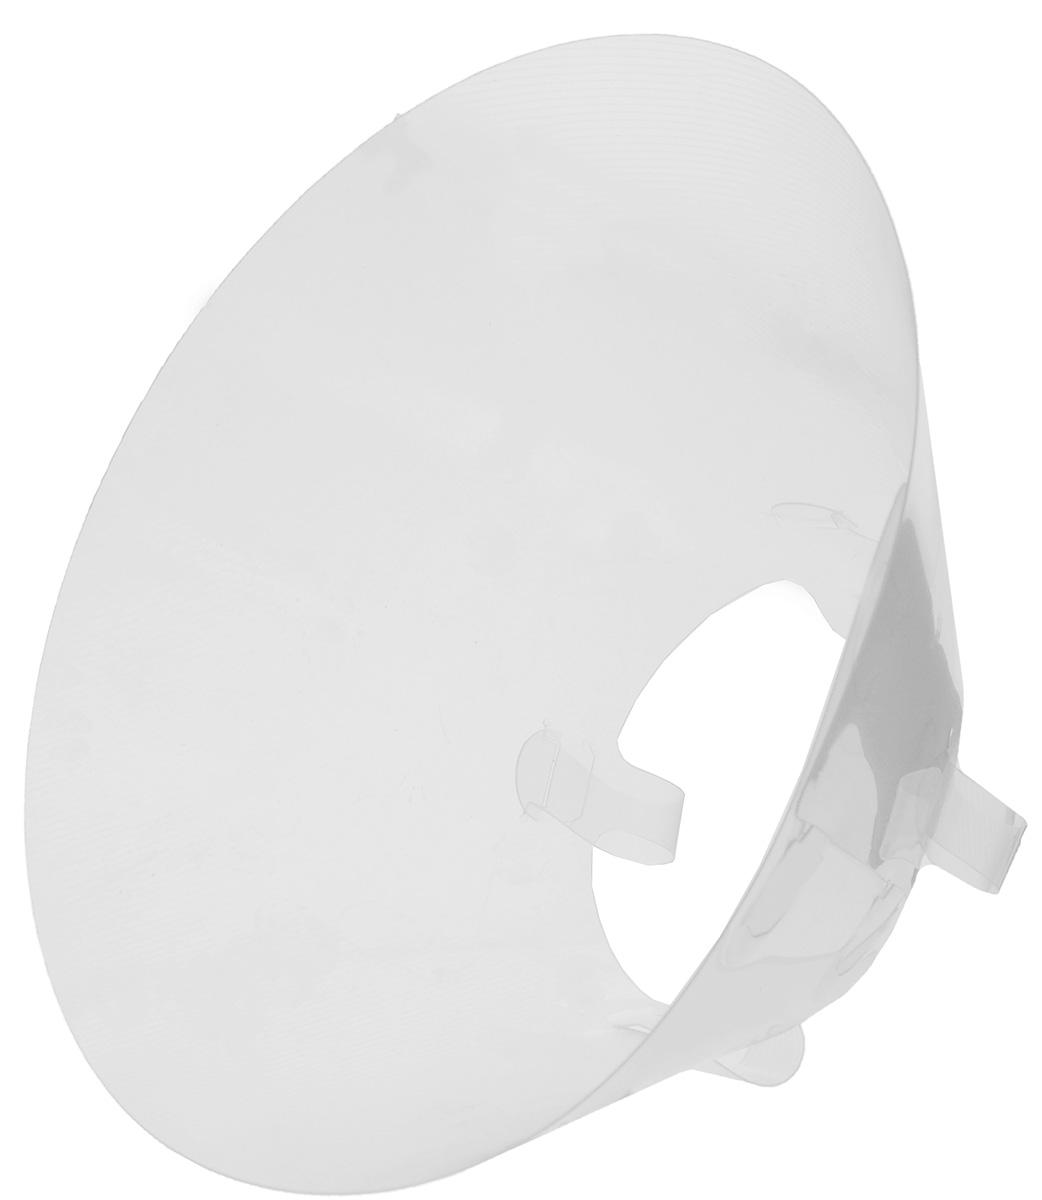 Защитный воротник для животных Kruuse Buster, высота 25 см. 1408414084Защитный воротник Kruuse Buster изготовлен из высококачественного нетоксичного пластика, который позволяет сохранять углы обзора для животного. Изделие разработано для ограничения доступа собаки к заживающей ране или послеоперационному шву. Простота в эксплуатации позволяет хозяевам самостоятельно одевать и снимать защитный воротник с собаки. Подходит для собак крупных пород. Обхват шеи: 14-16 см. Высота воротника: 25 см.